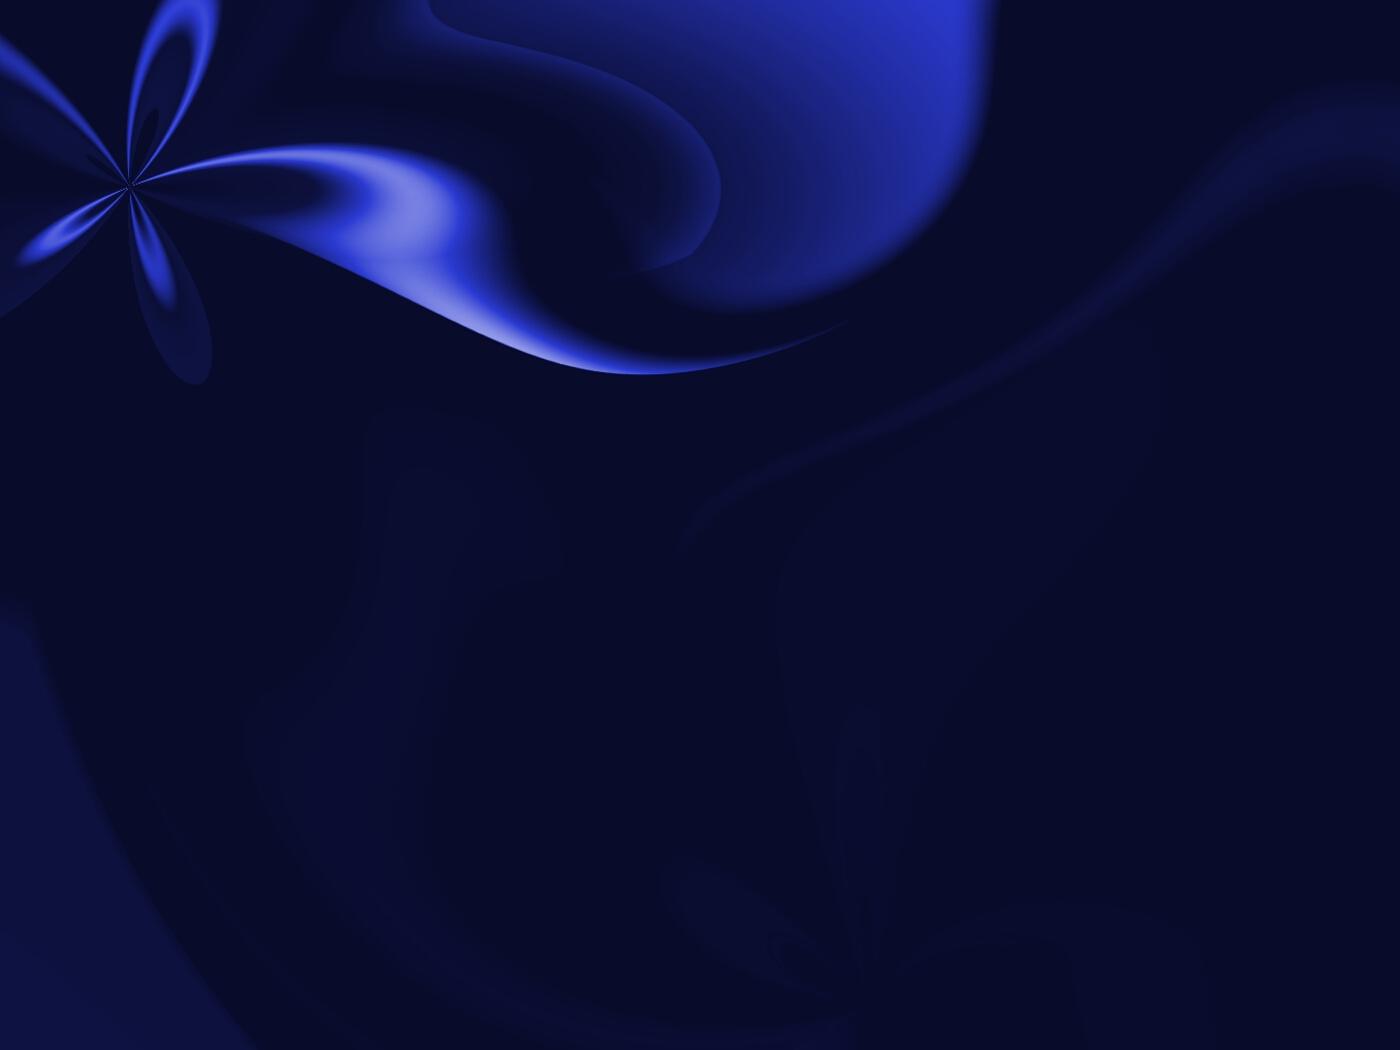 Sfondo Blu 05 Fiocco Azzurro Sfondi Wallpapers Gratis